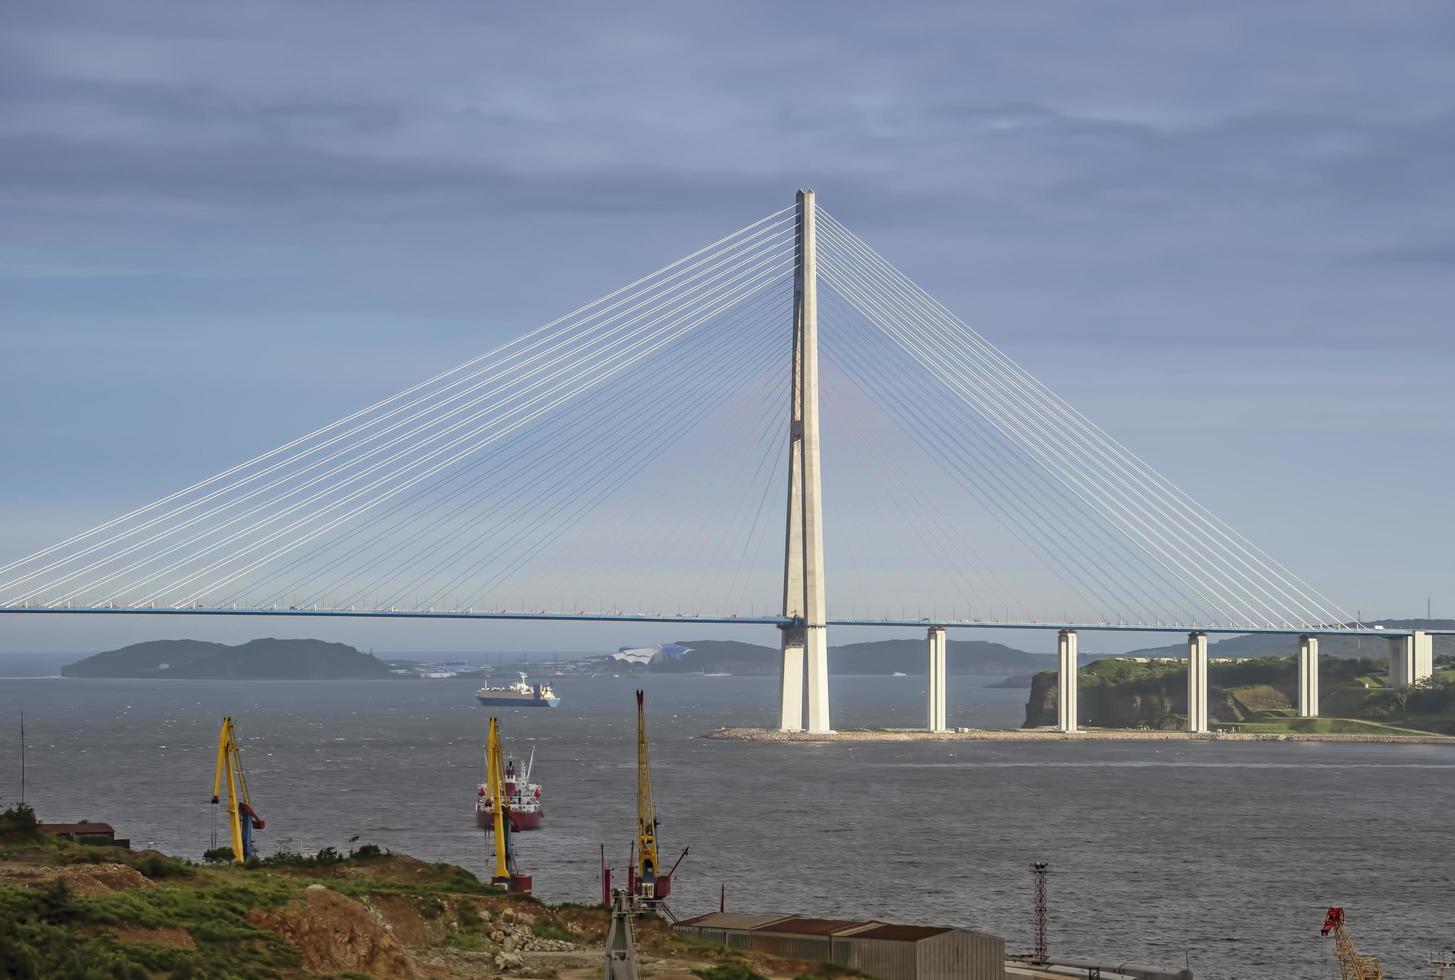 Seelandschaft mit Blick auf den Bau der russischen Brücke. foto